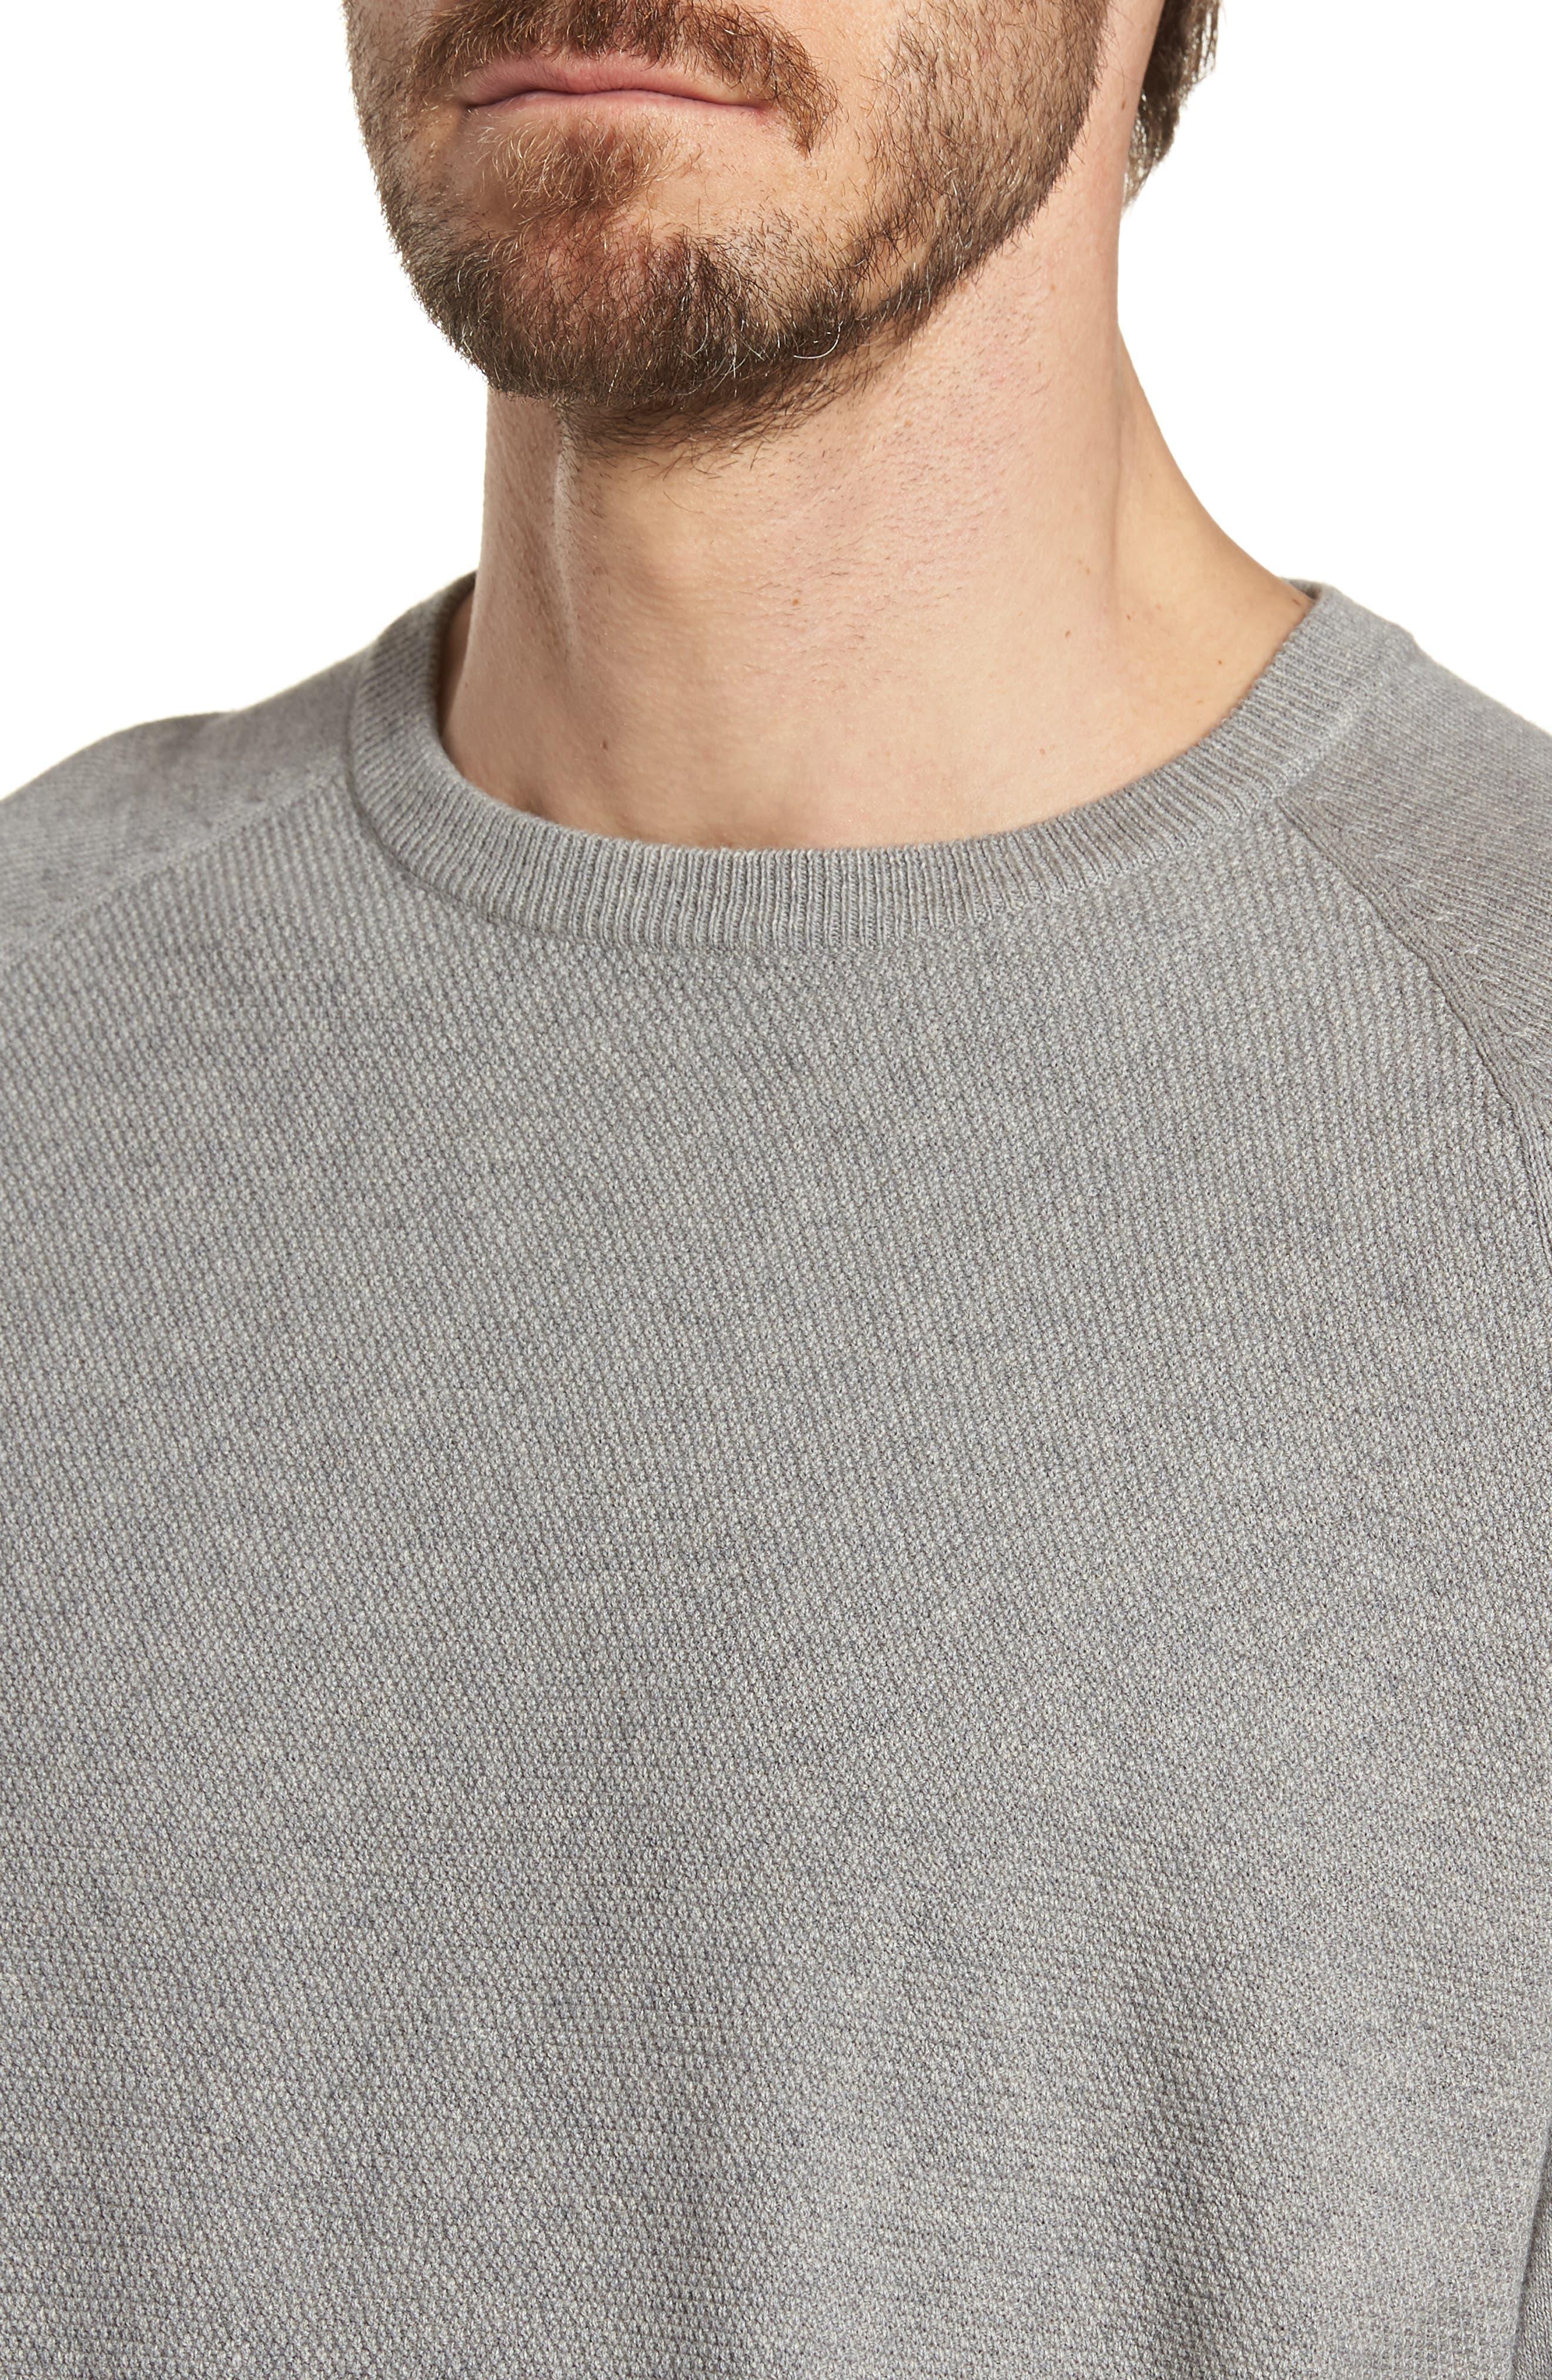 Crewneck Cotton & Cashmere Sweater,                             Alternate thumbnail 4, color,                             030